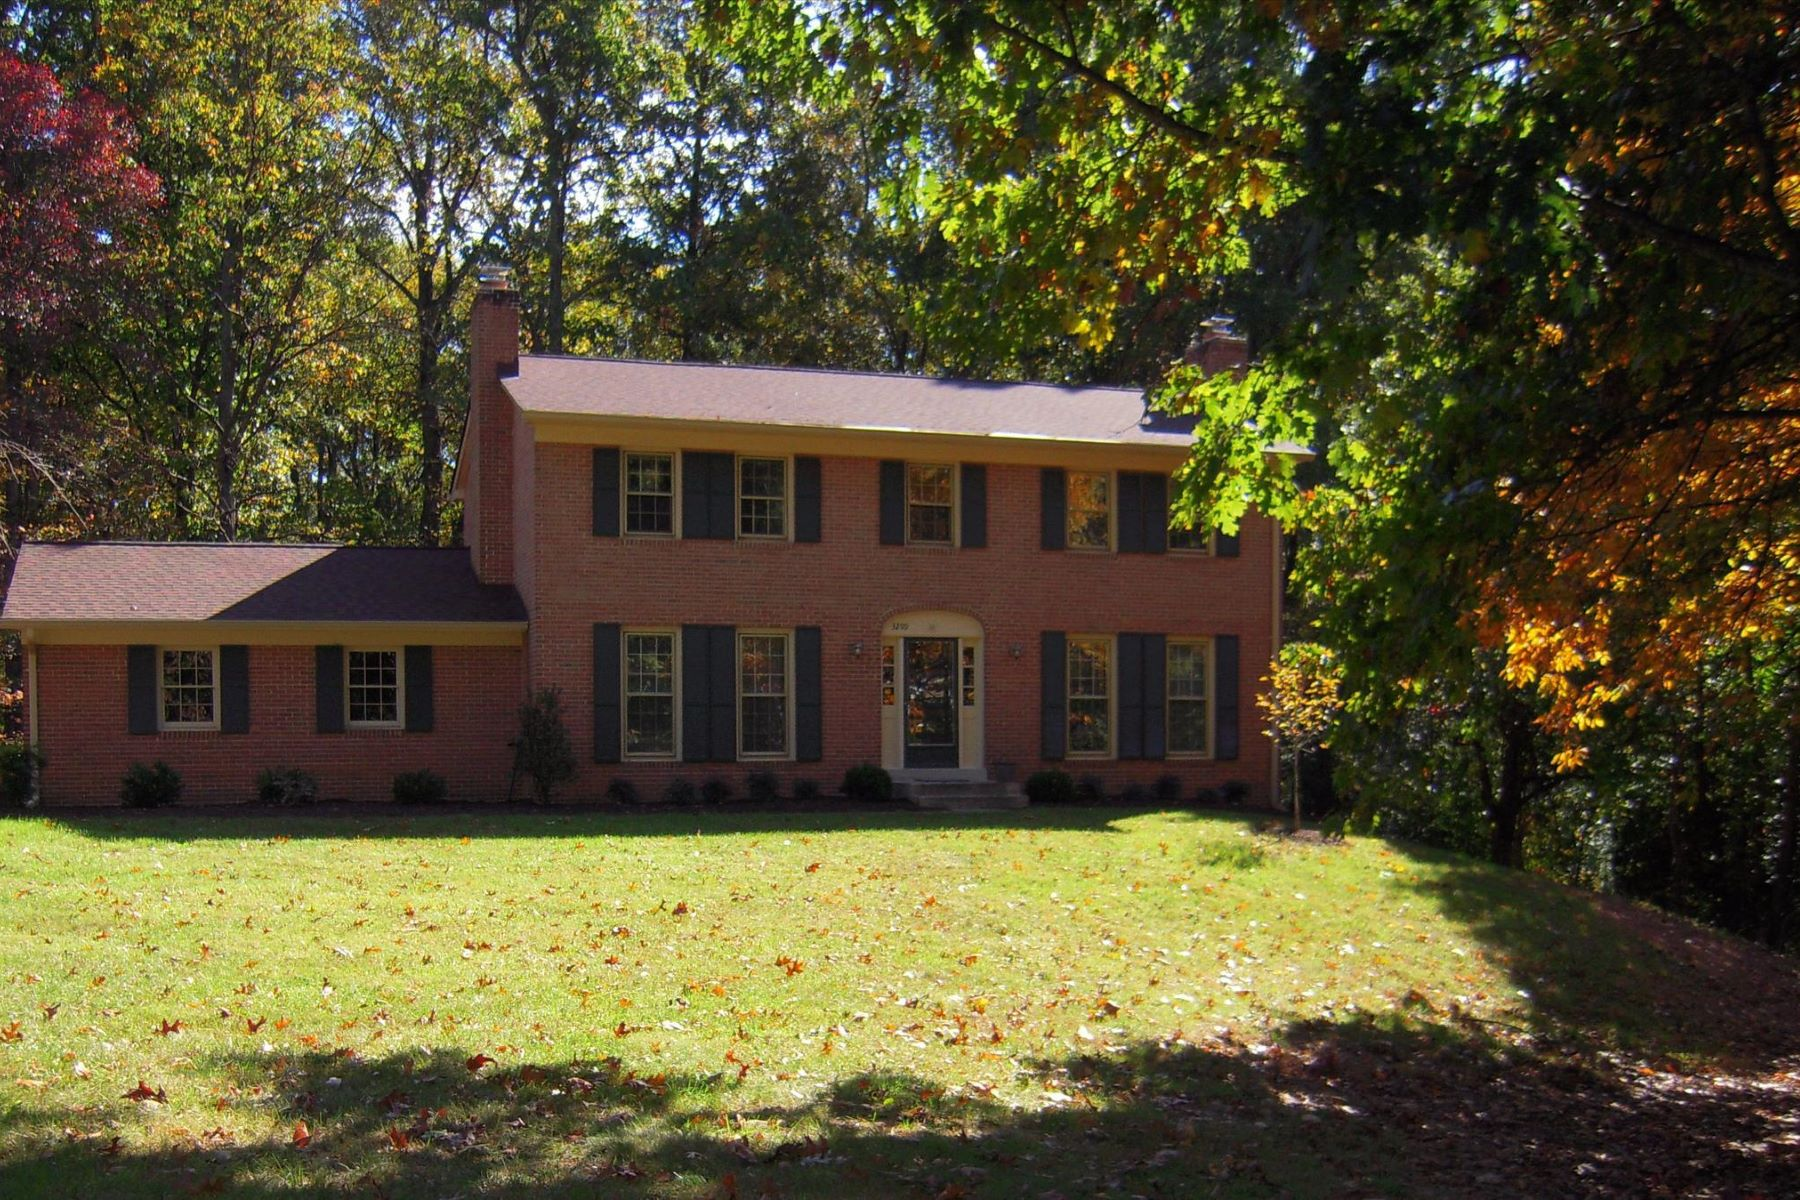 Maison unifamiliale pour l à louer à 3299 Tilton Valley Dr 3299 Tilton Valley Dr Fairfax, Virginia 22033 États-Unis